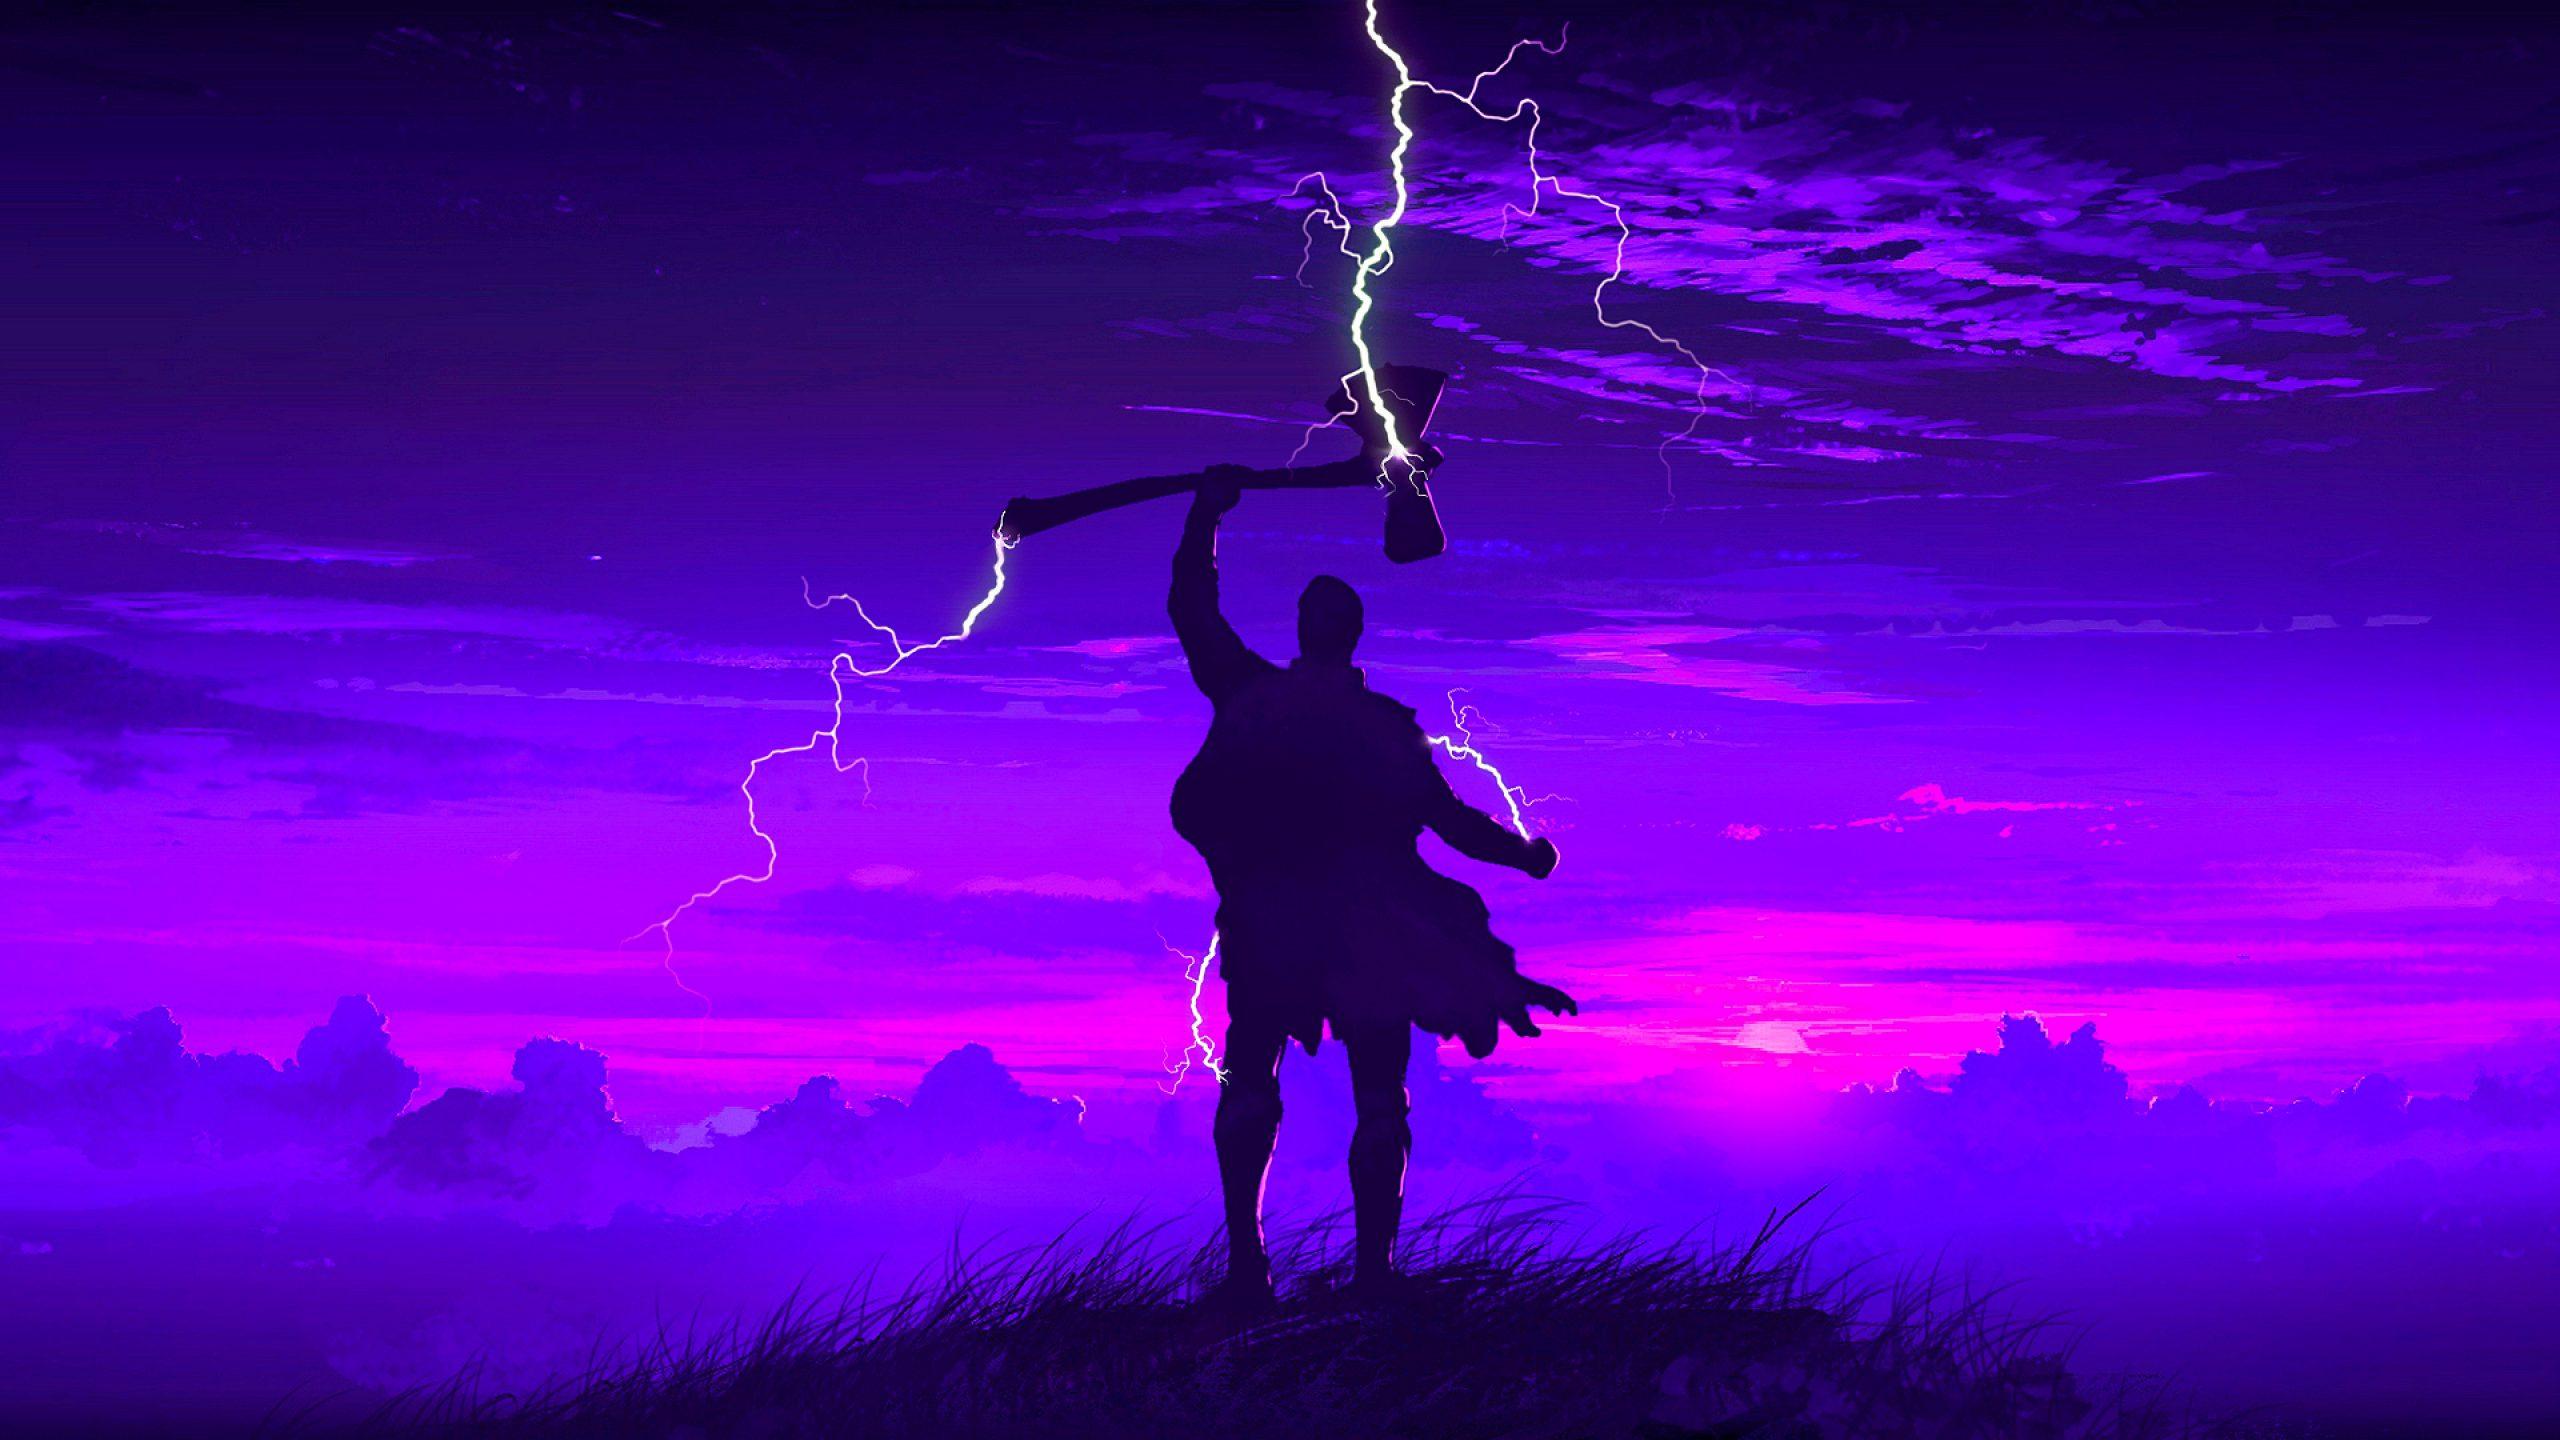 Thor Art 4K Wallpaper